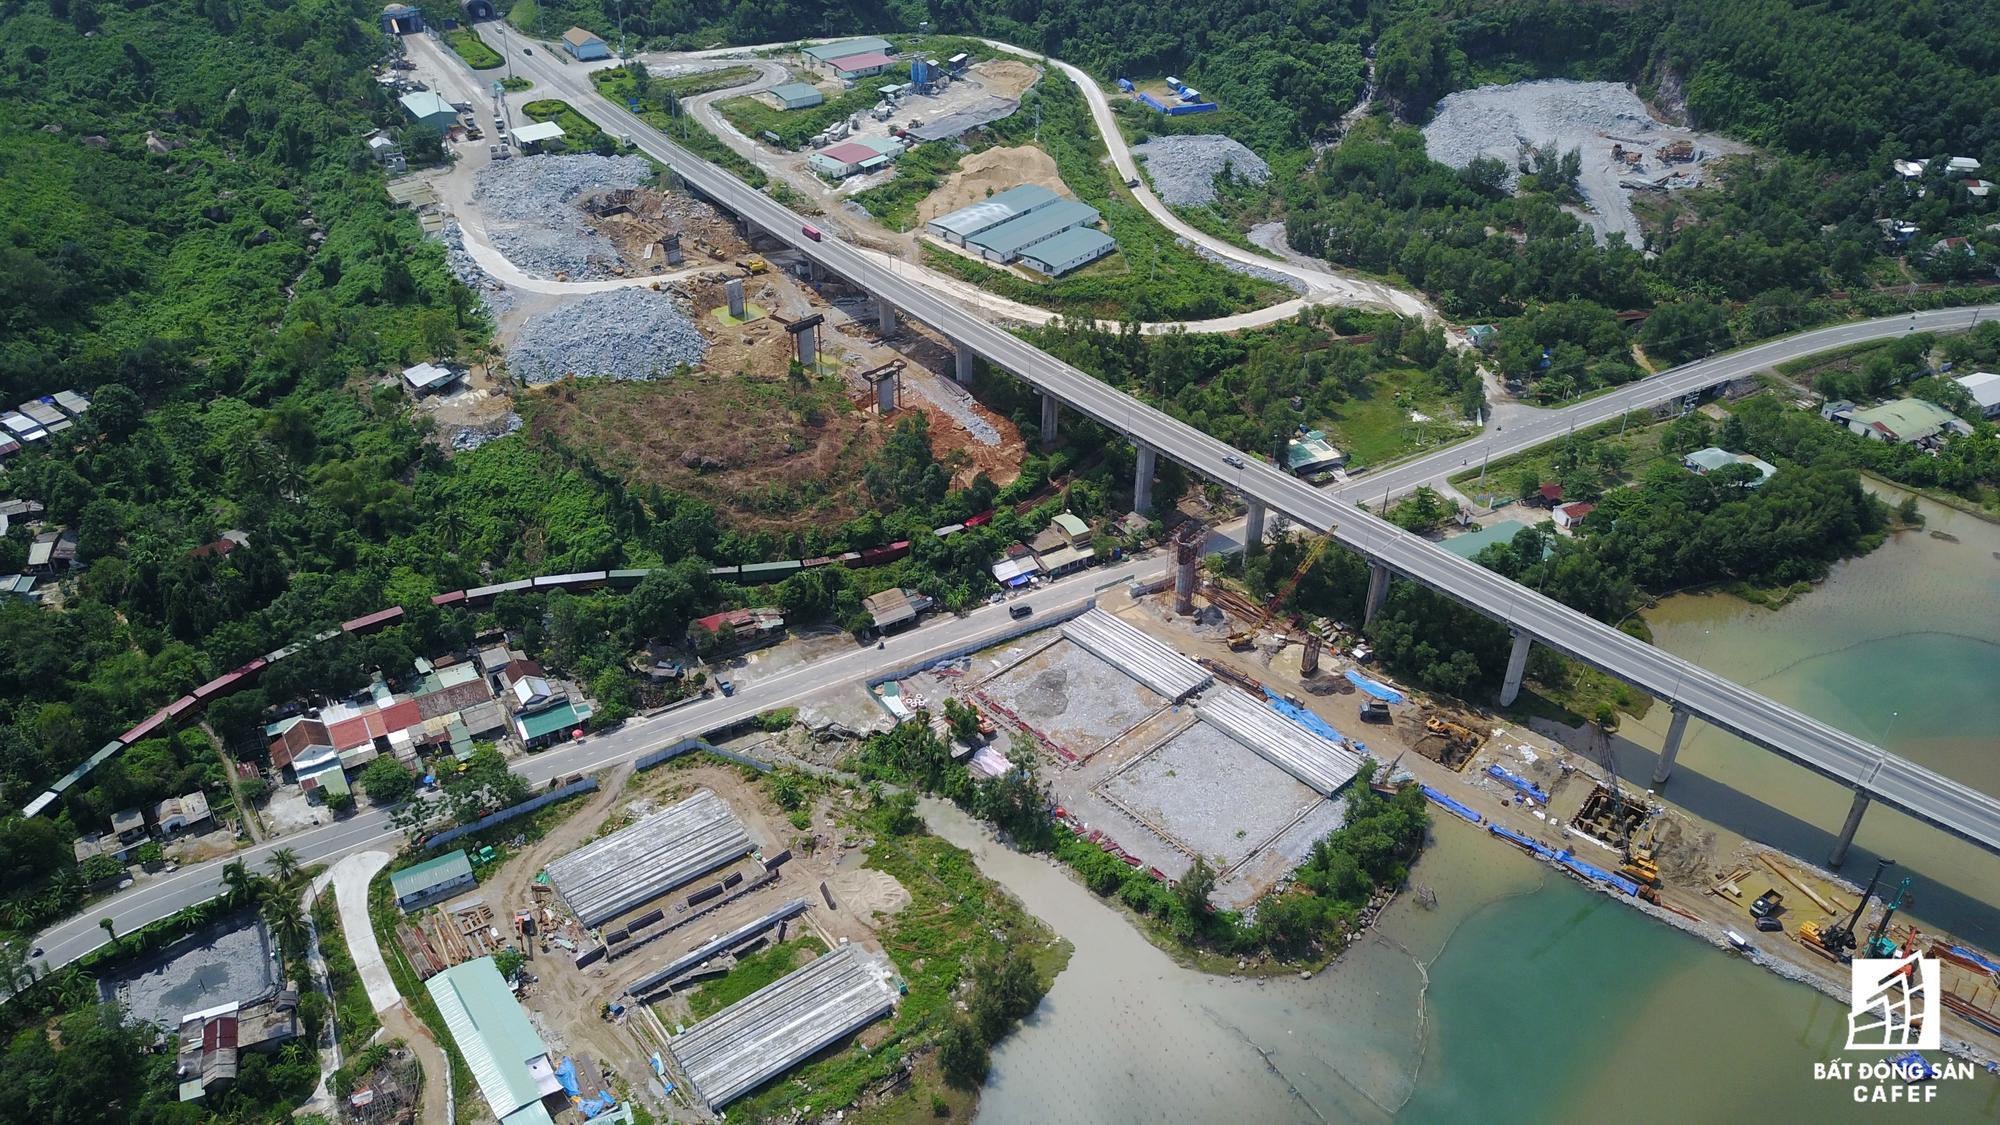 Hạ tầng giao thông kết nối Lăng Cô với các vùng kinh tế miền Trung đang được đầu tư mạnh mẽ